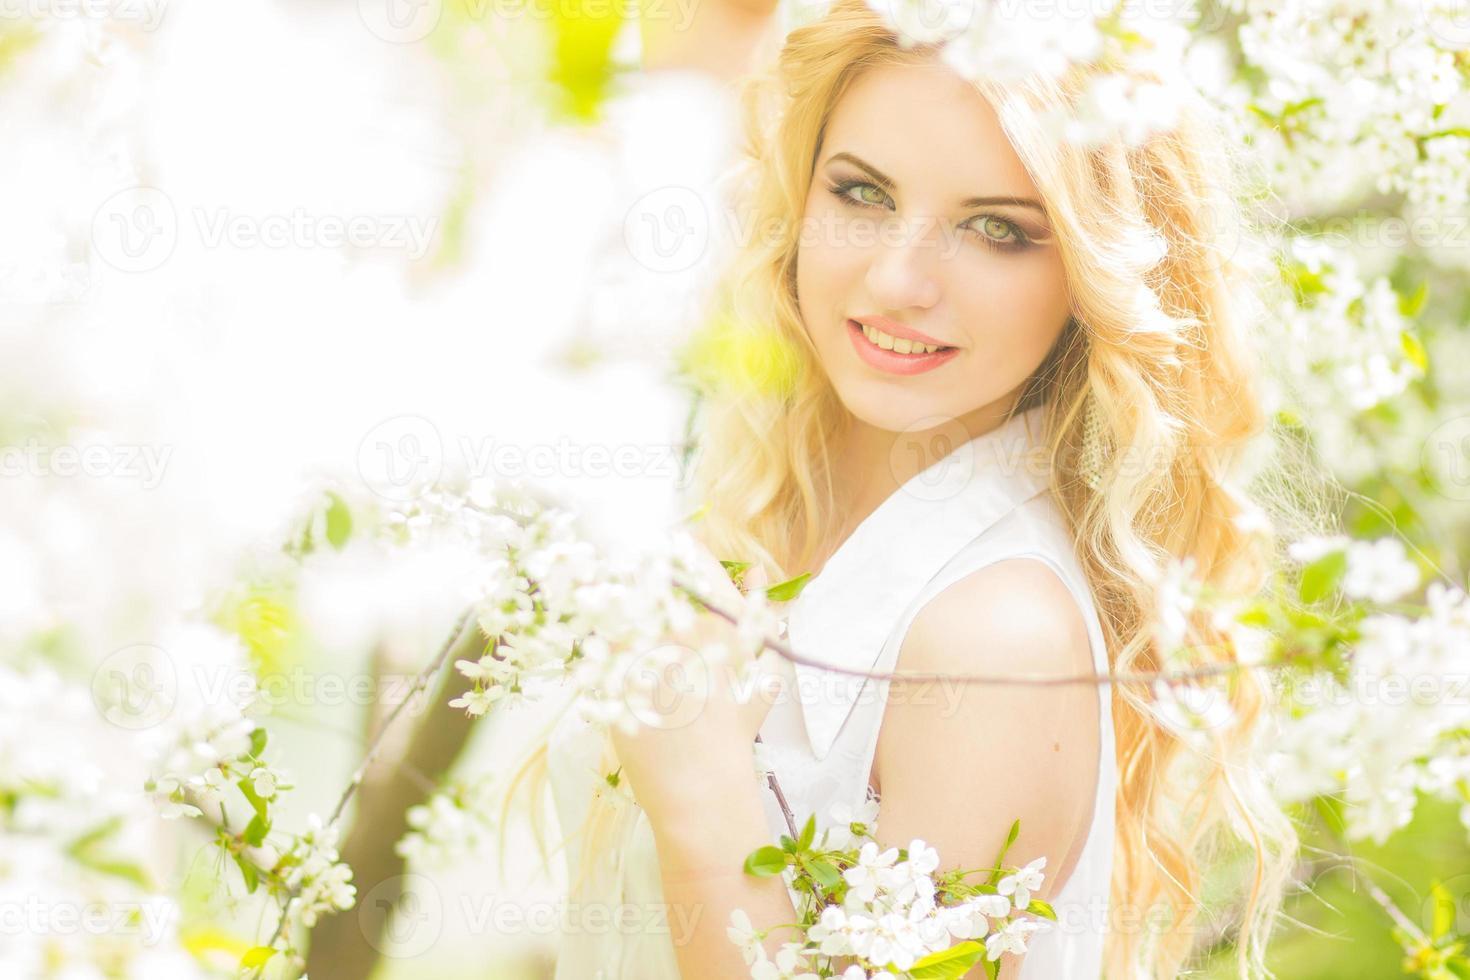 Frühlingsporträt einer schönen jungen Blondine foto